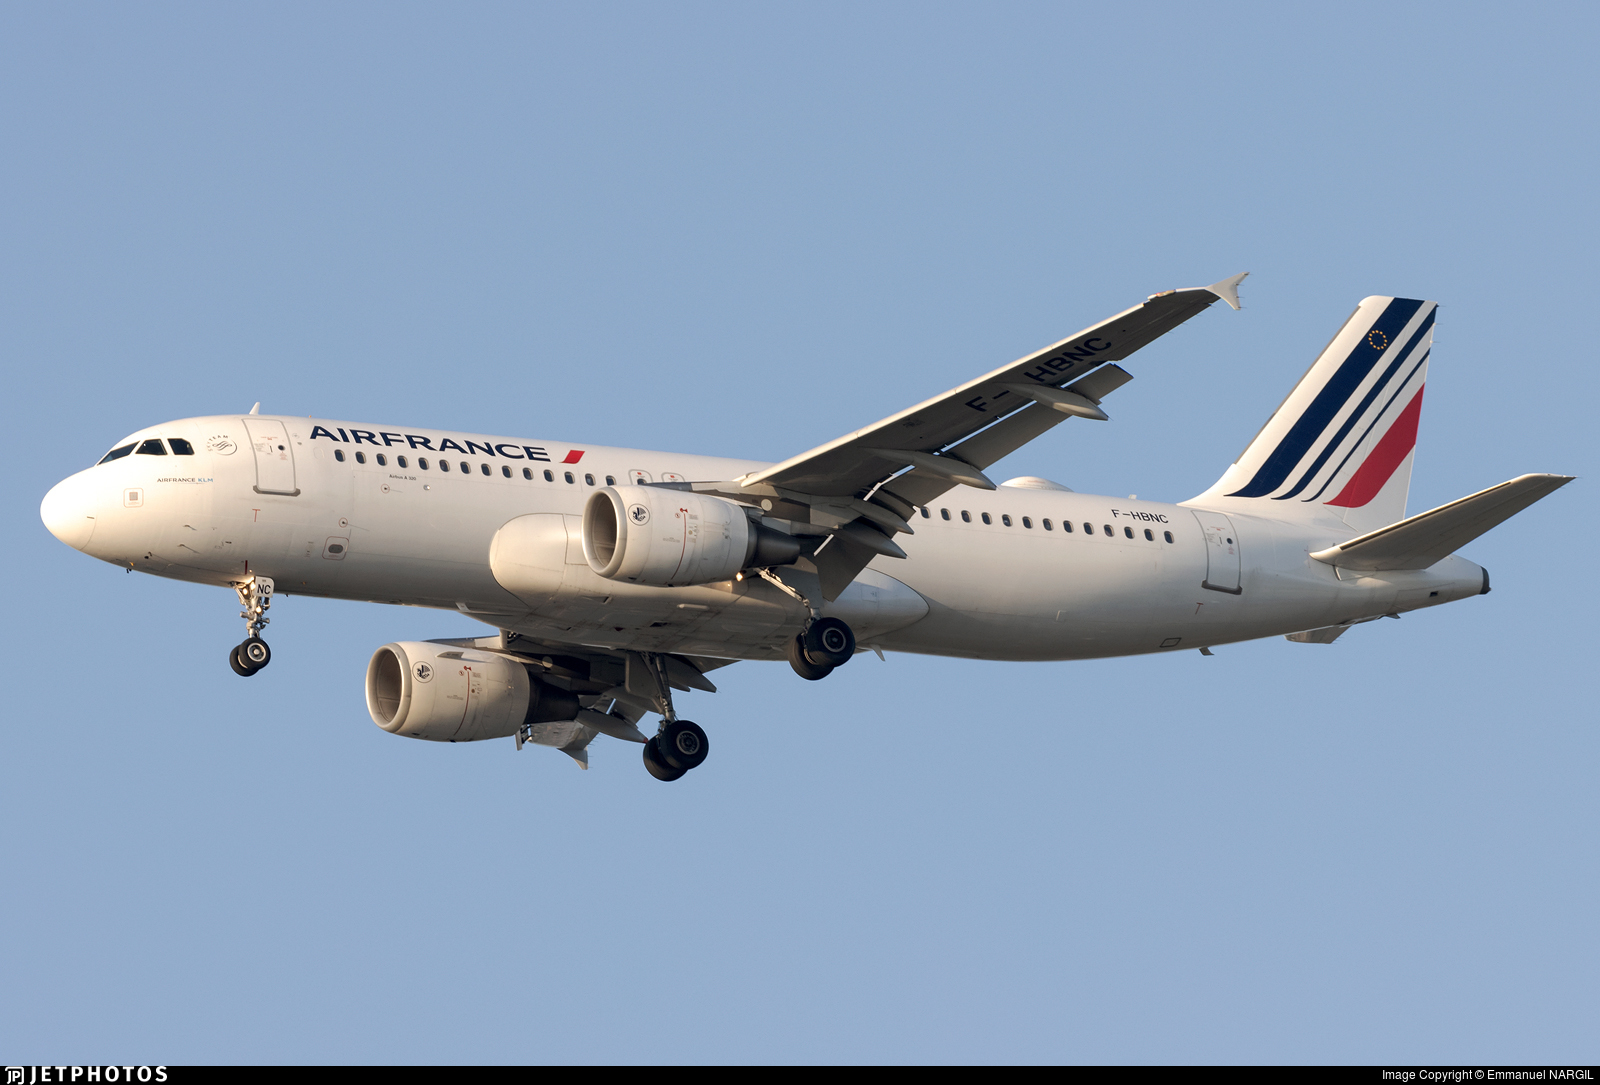 F-HBNC - Airbus A320-214 - Air France